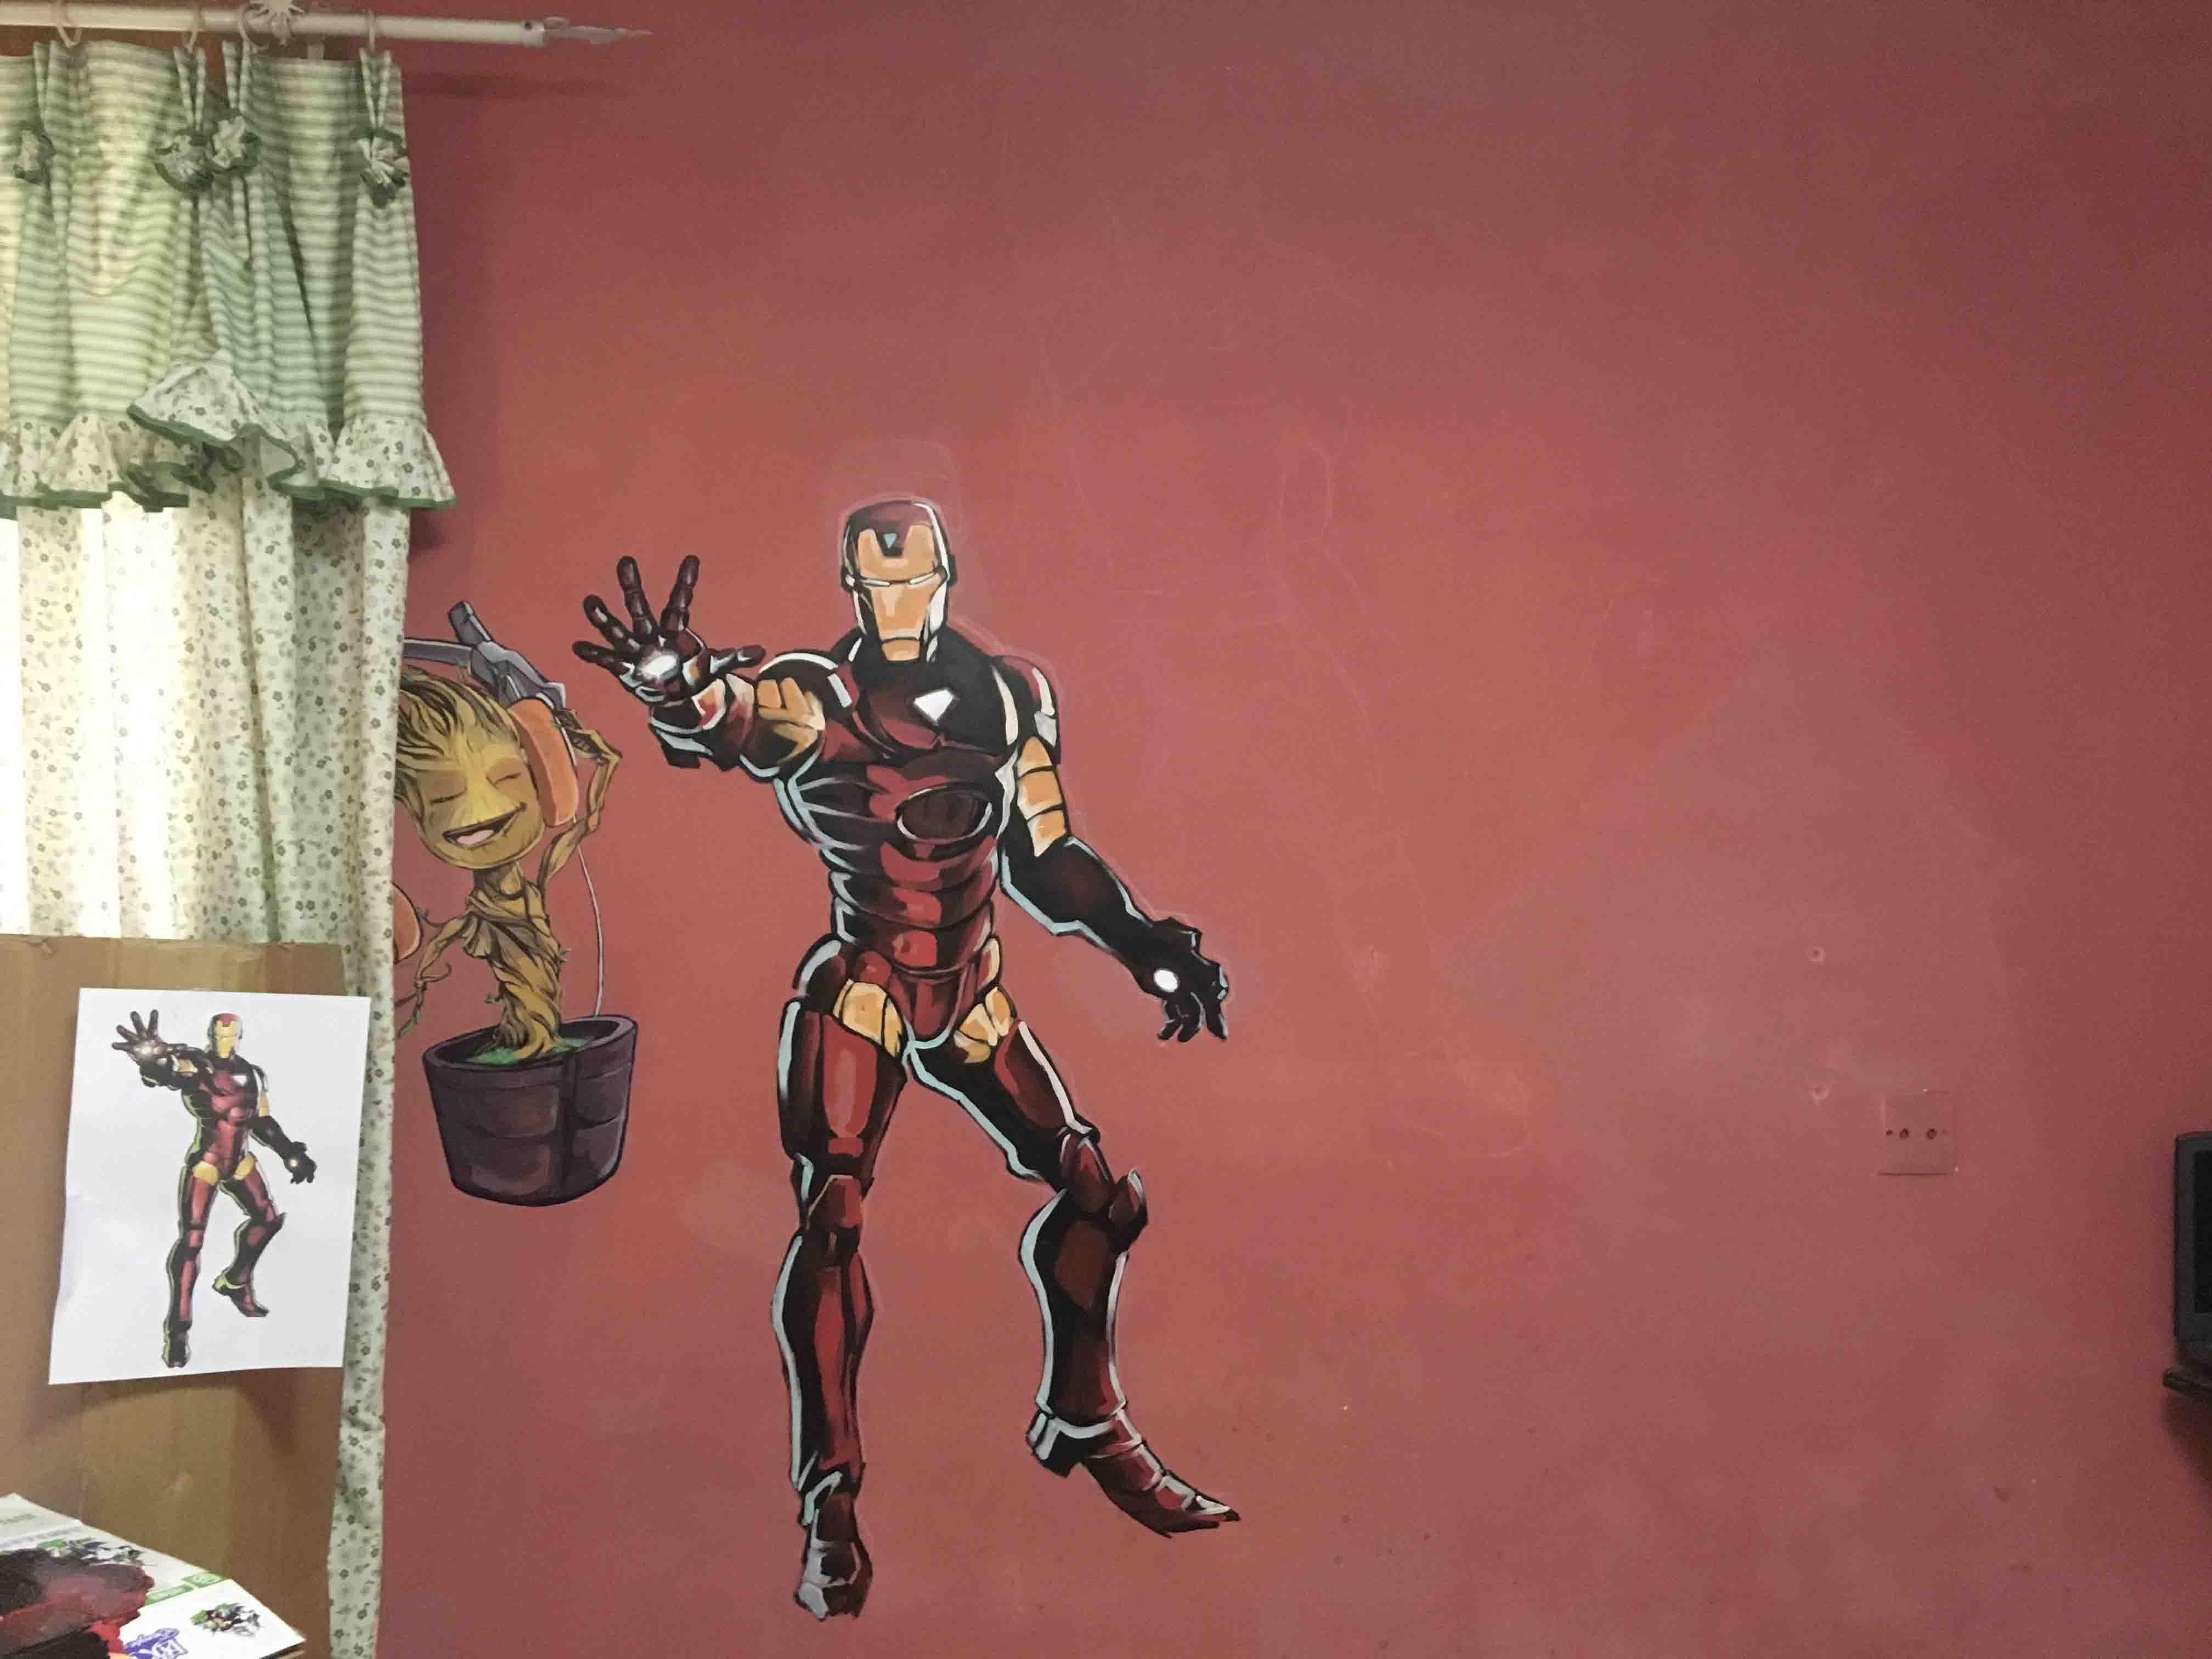 具有创意的手绘墙画设计推荐,各类手绘墙画